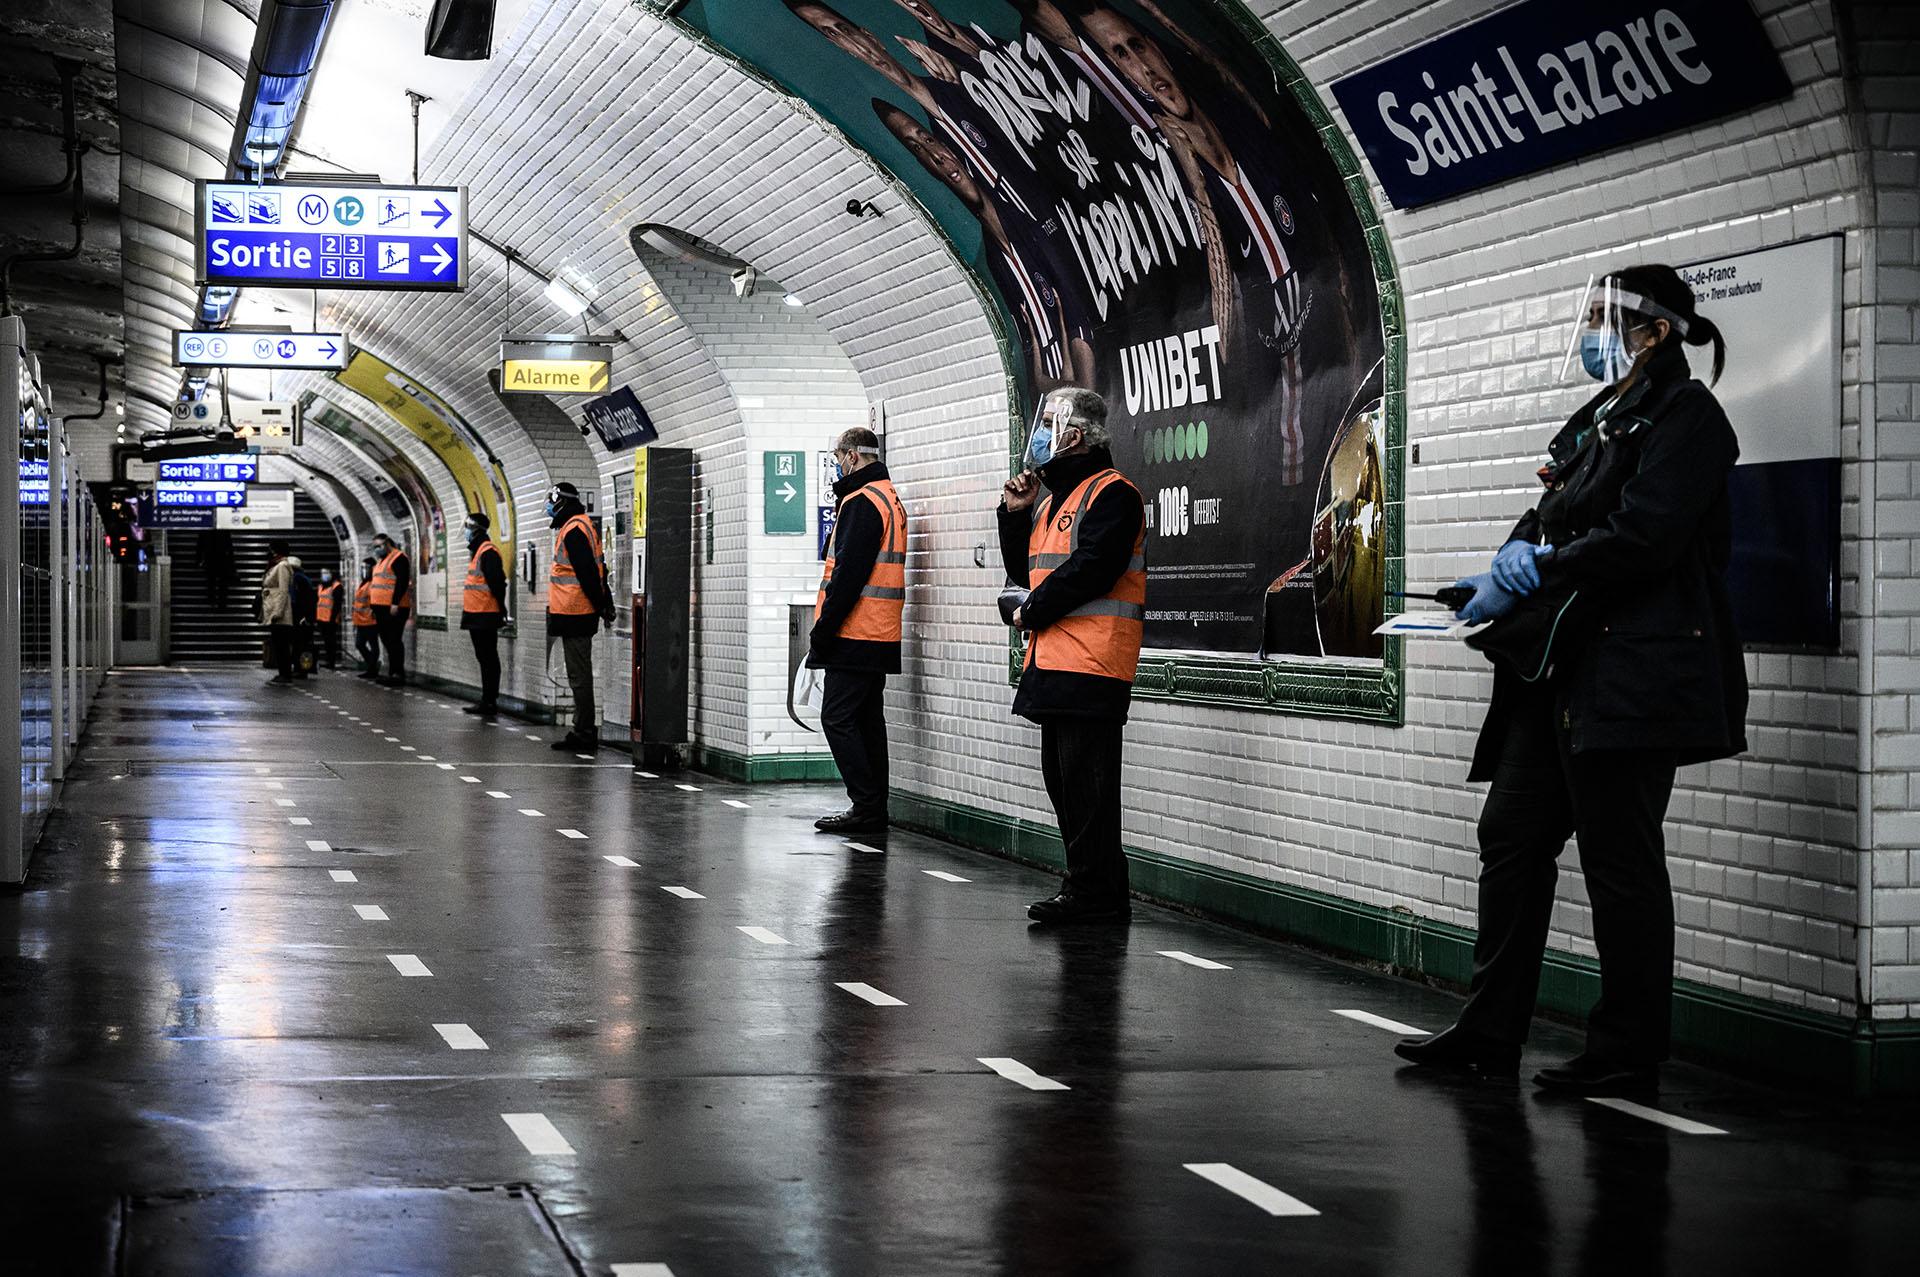 Empleados de la Autoridad Parisina del Transporte controlan que se mantenga la distancia social en la estación Saint-Lazare del metro de la capital francesa.